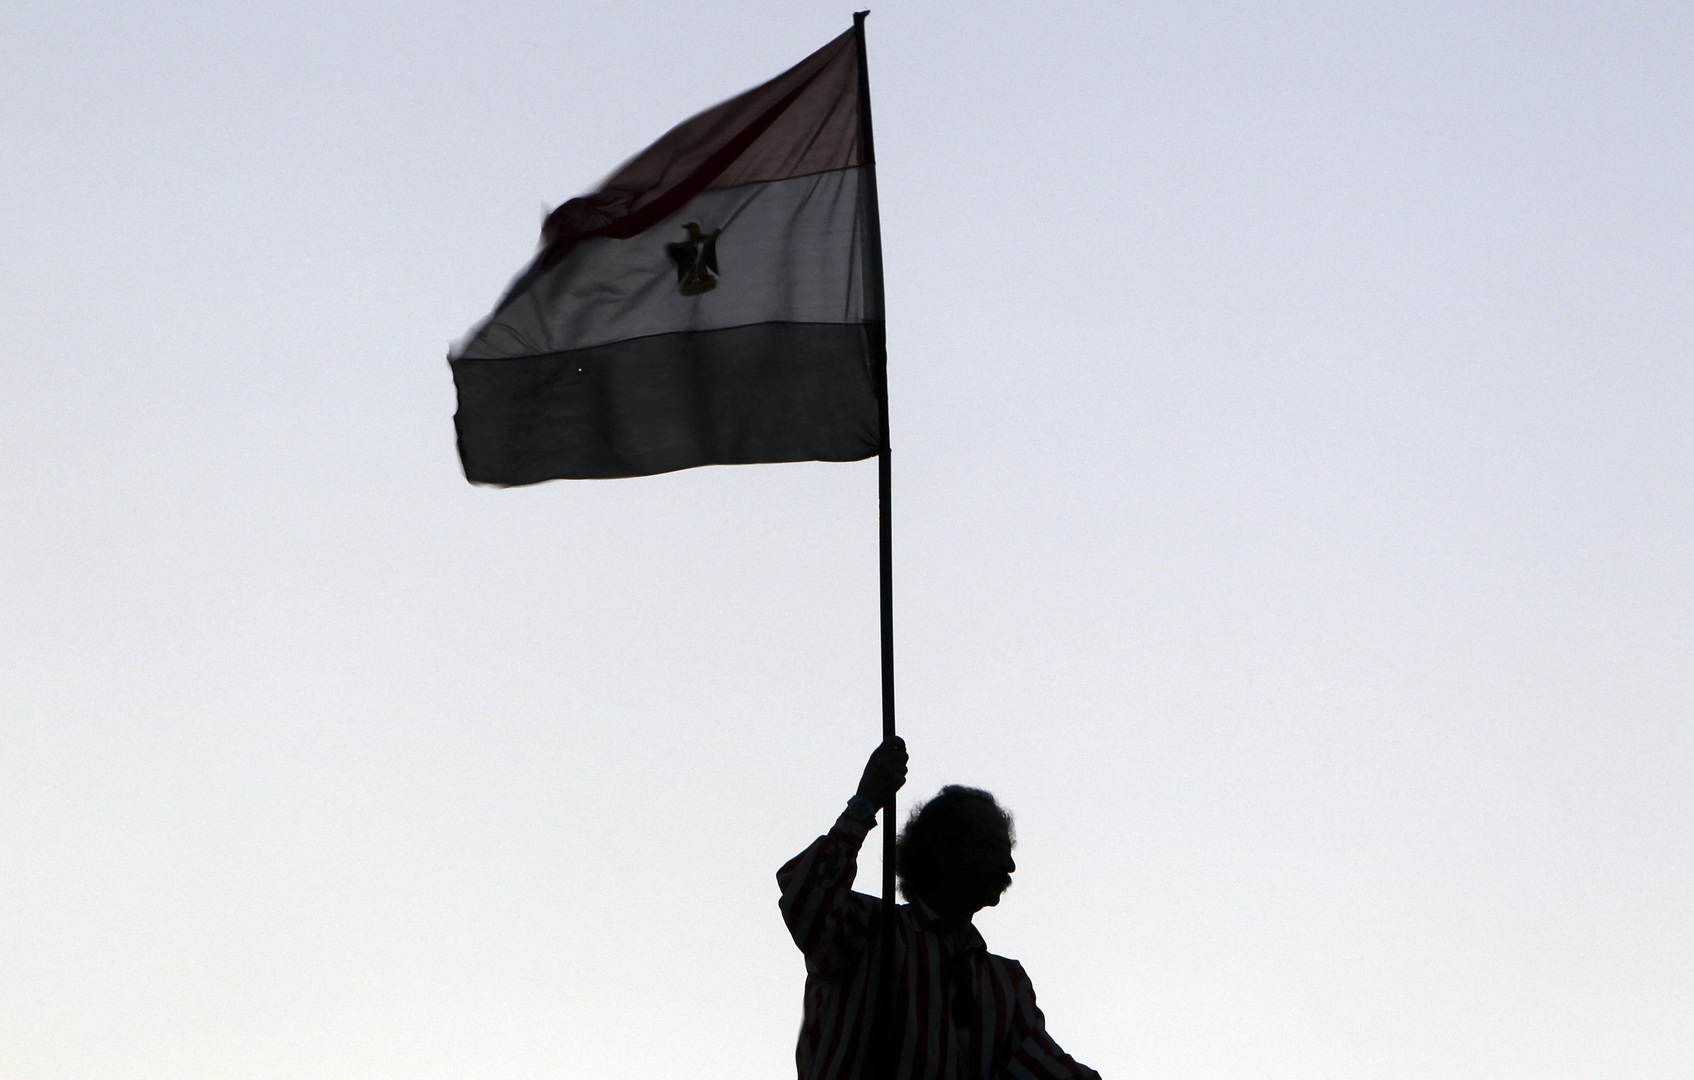 البرلمان المصري يطالب باستدعاء وزيرة الثقافة بسبب أغاني المهرجانات